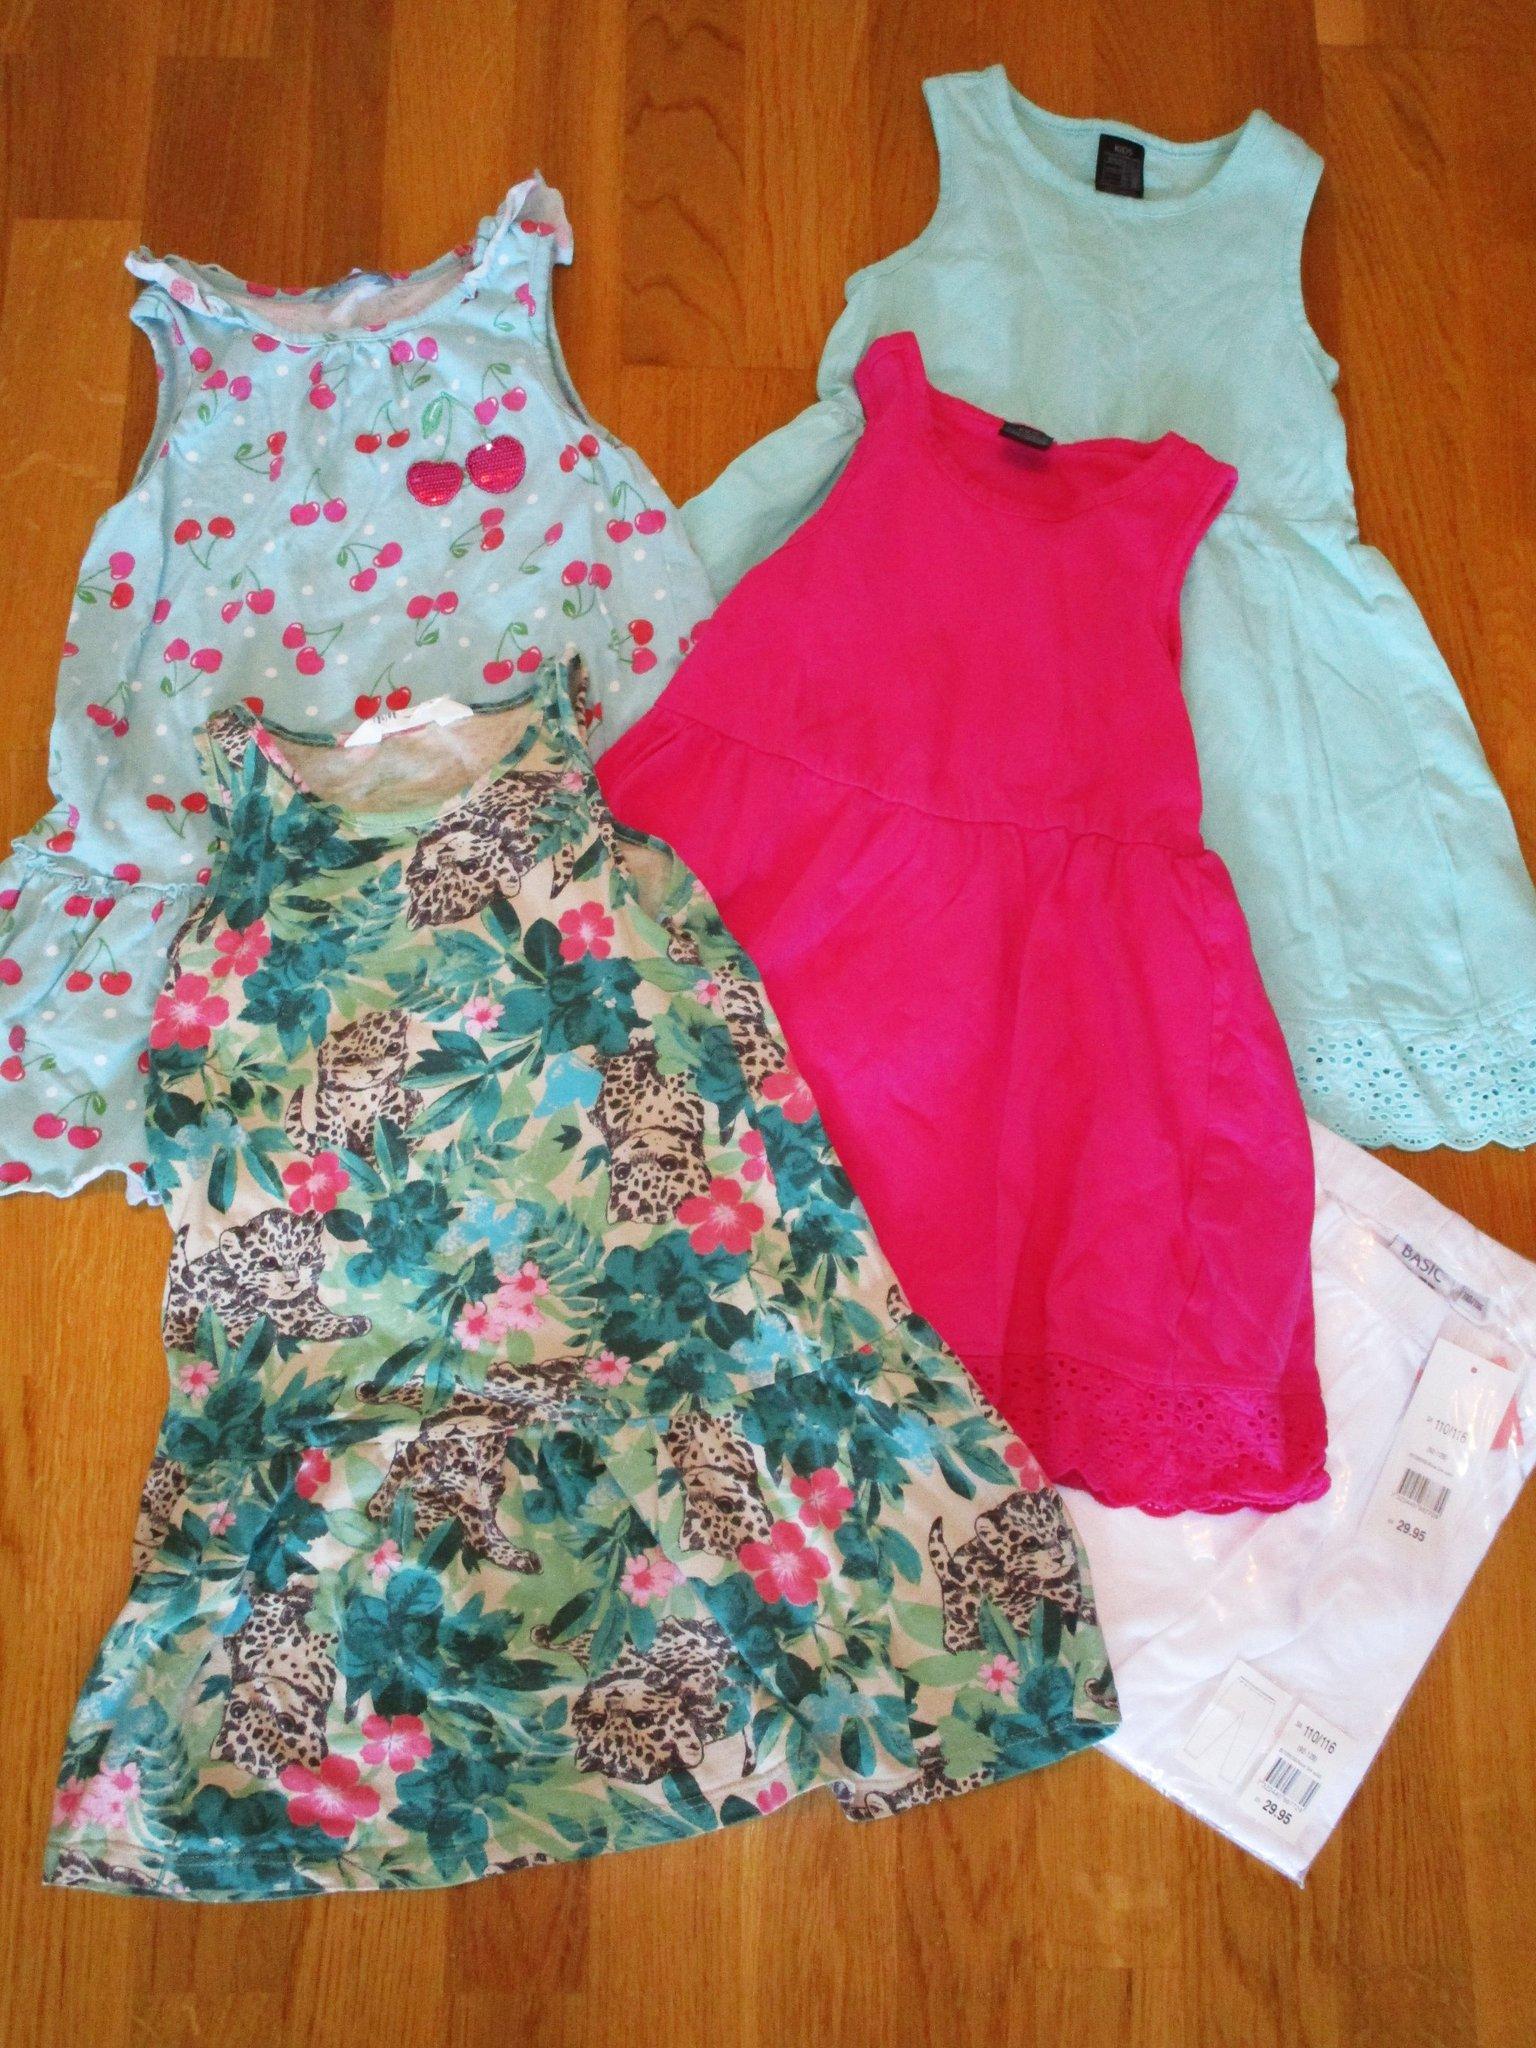 1d8ce4ee37f Fint klädpaket med fyra klänningar och ett par .. (352781001) ᐈ Köp ...